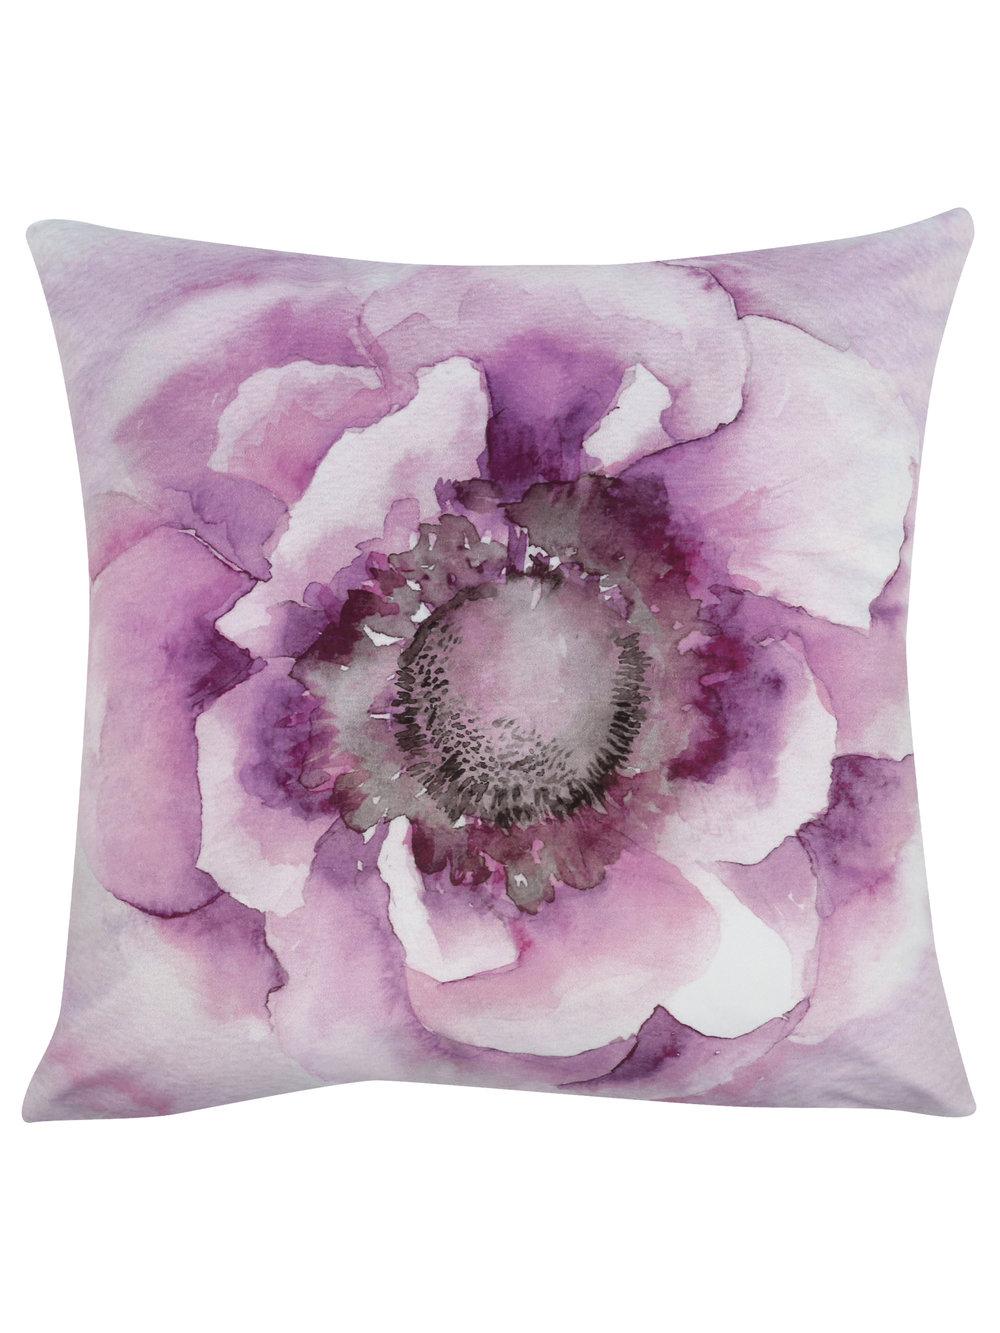 Lilac flower cushion, £19